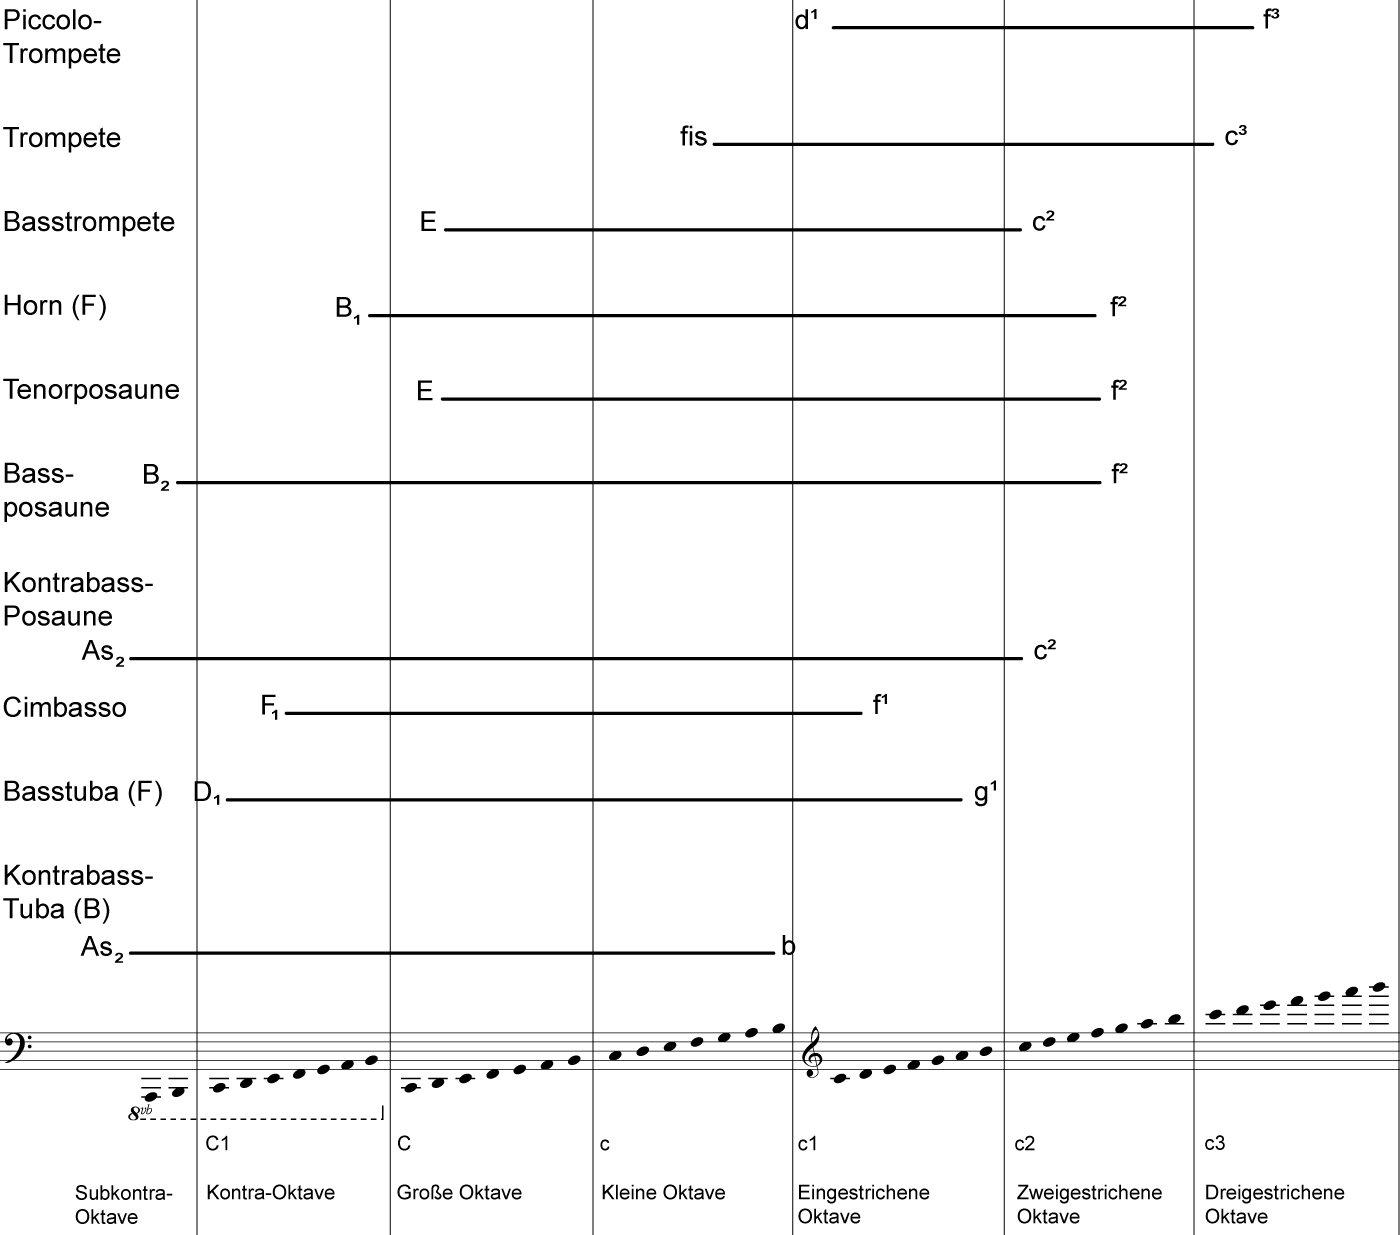 Tonumfang der Blechblasinstrumente